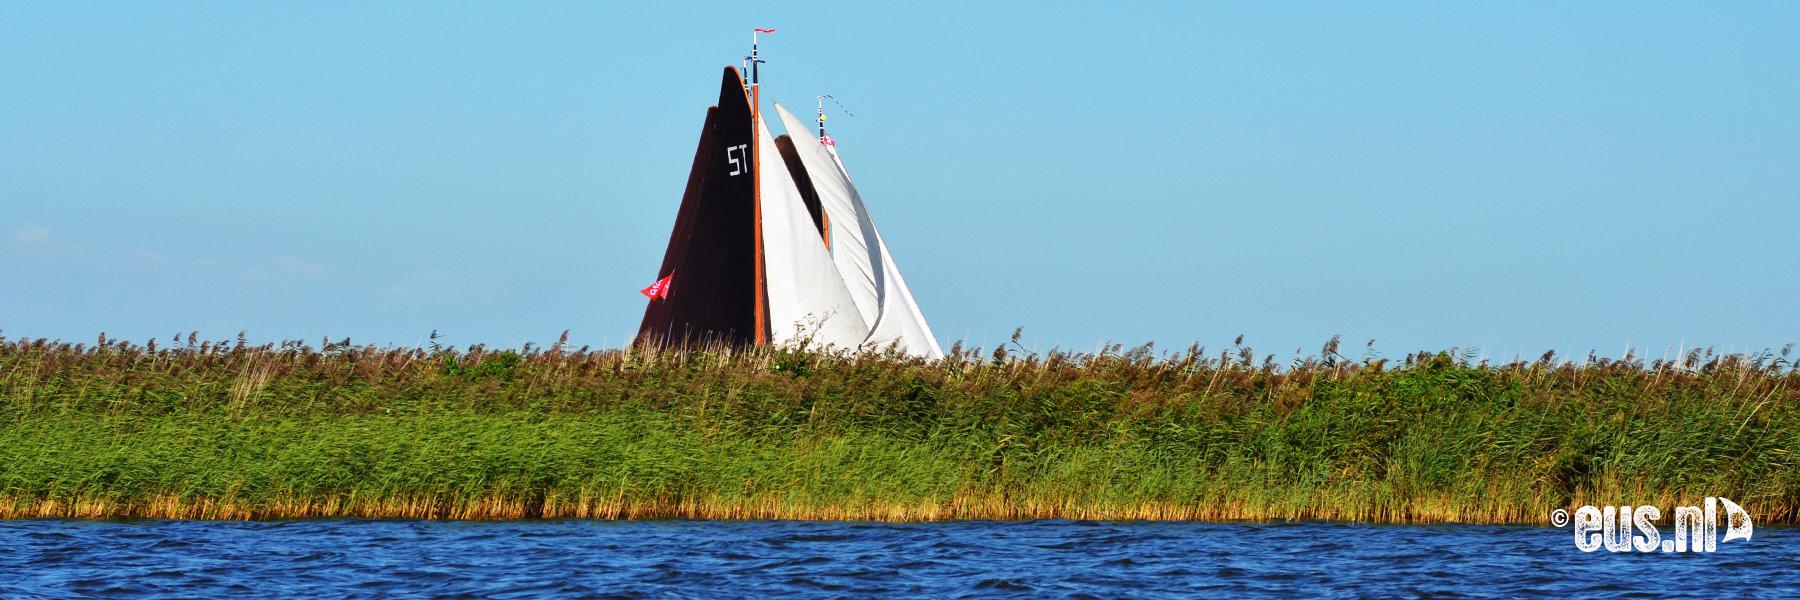 Dagtocht zeilen Friese meren